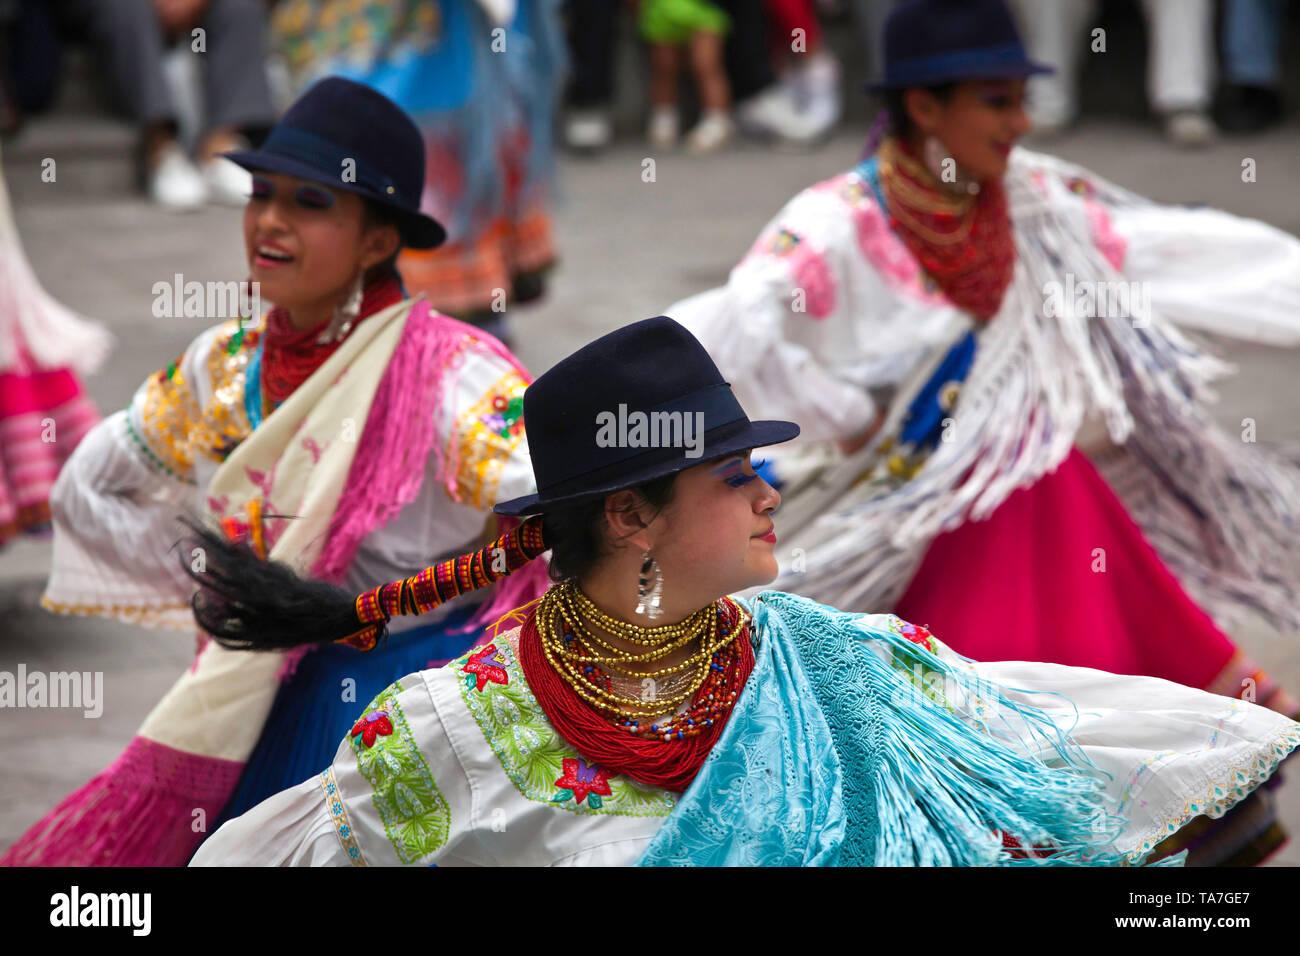 Dancers, indians from North Ecuador (Otavala area), performing at Palacio Arzobispal. Quito, Ecuador, August 2010 - Stock Image